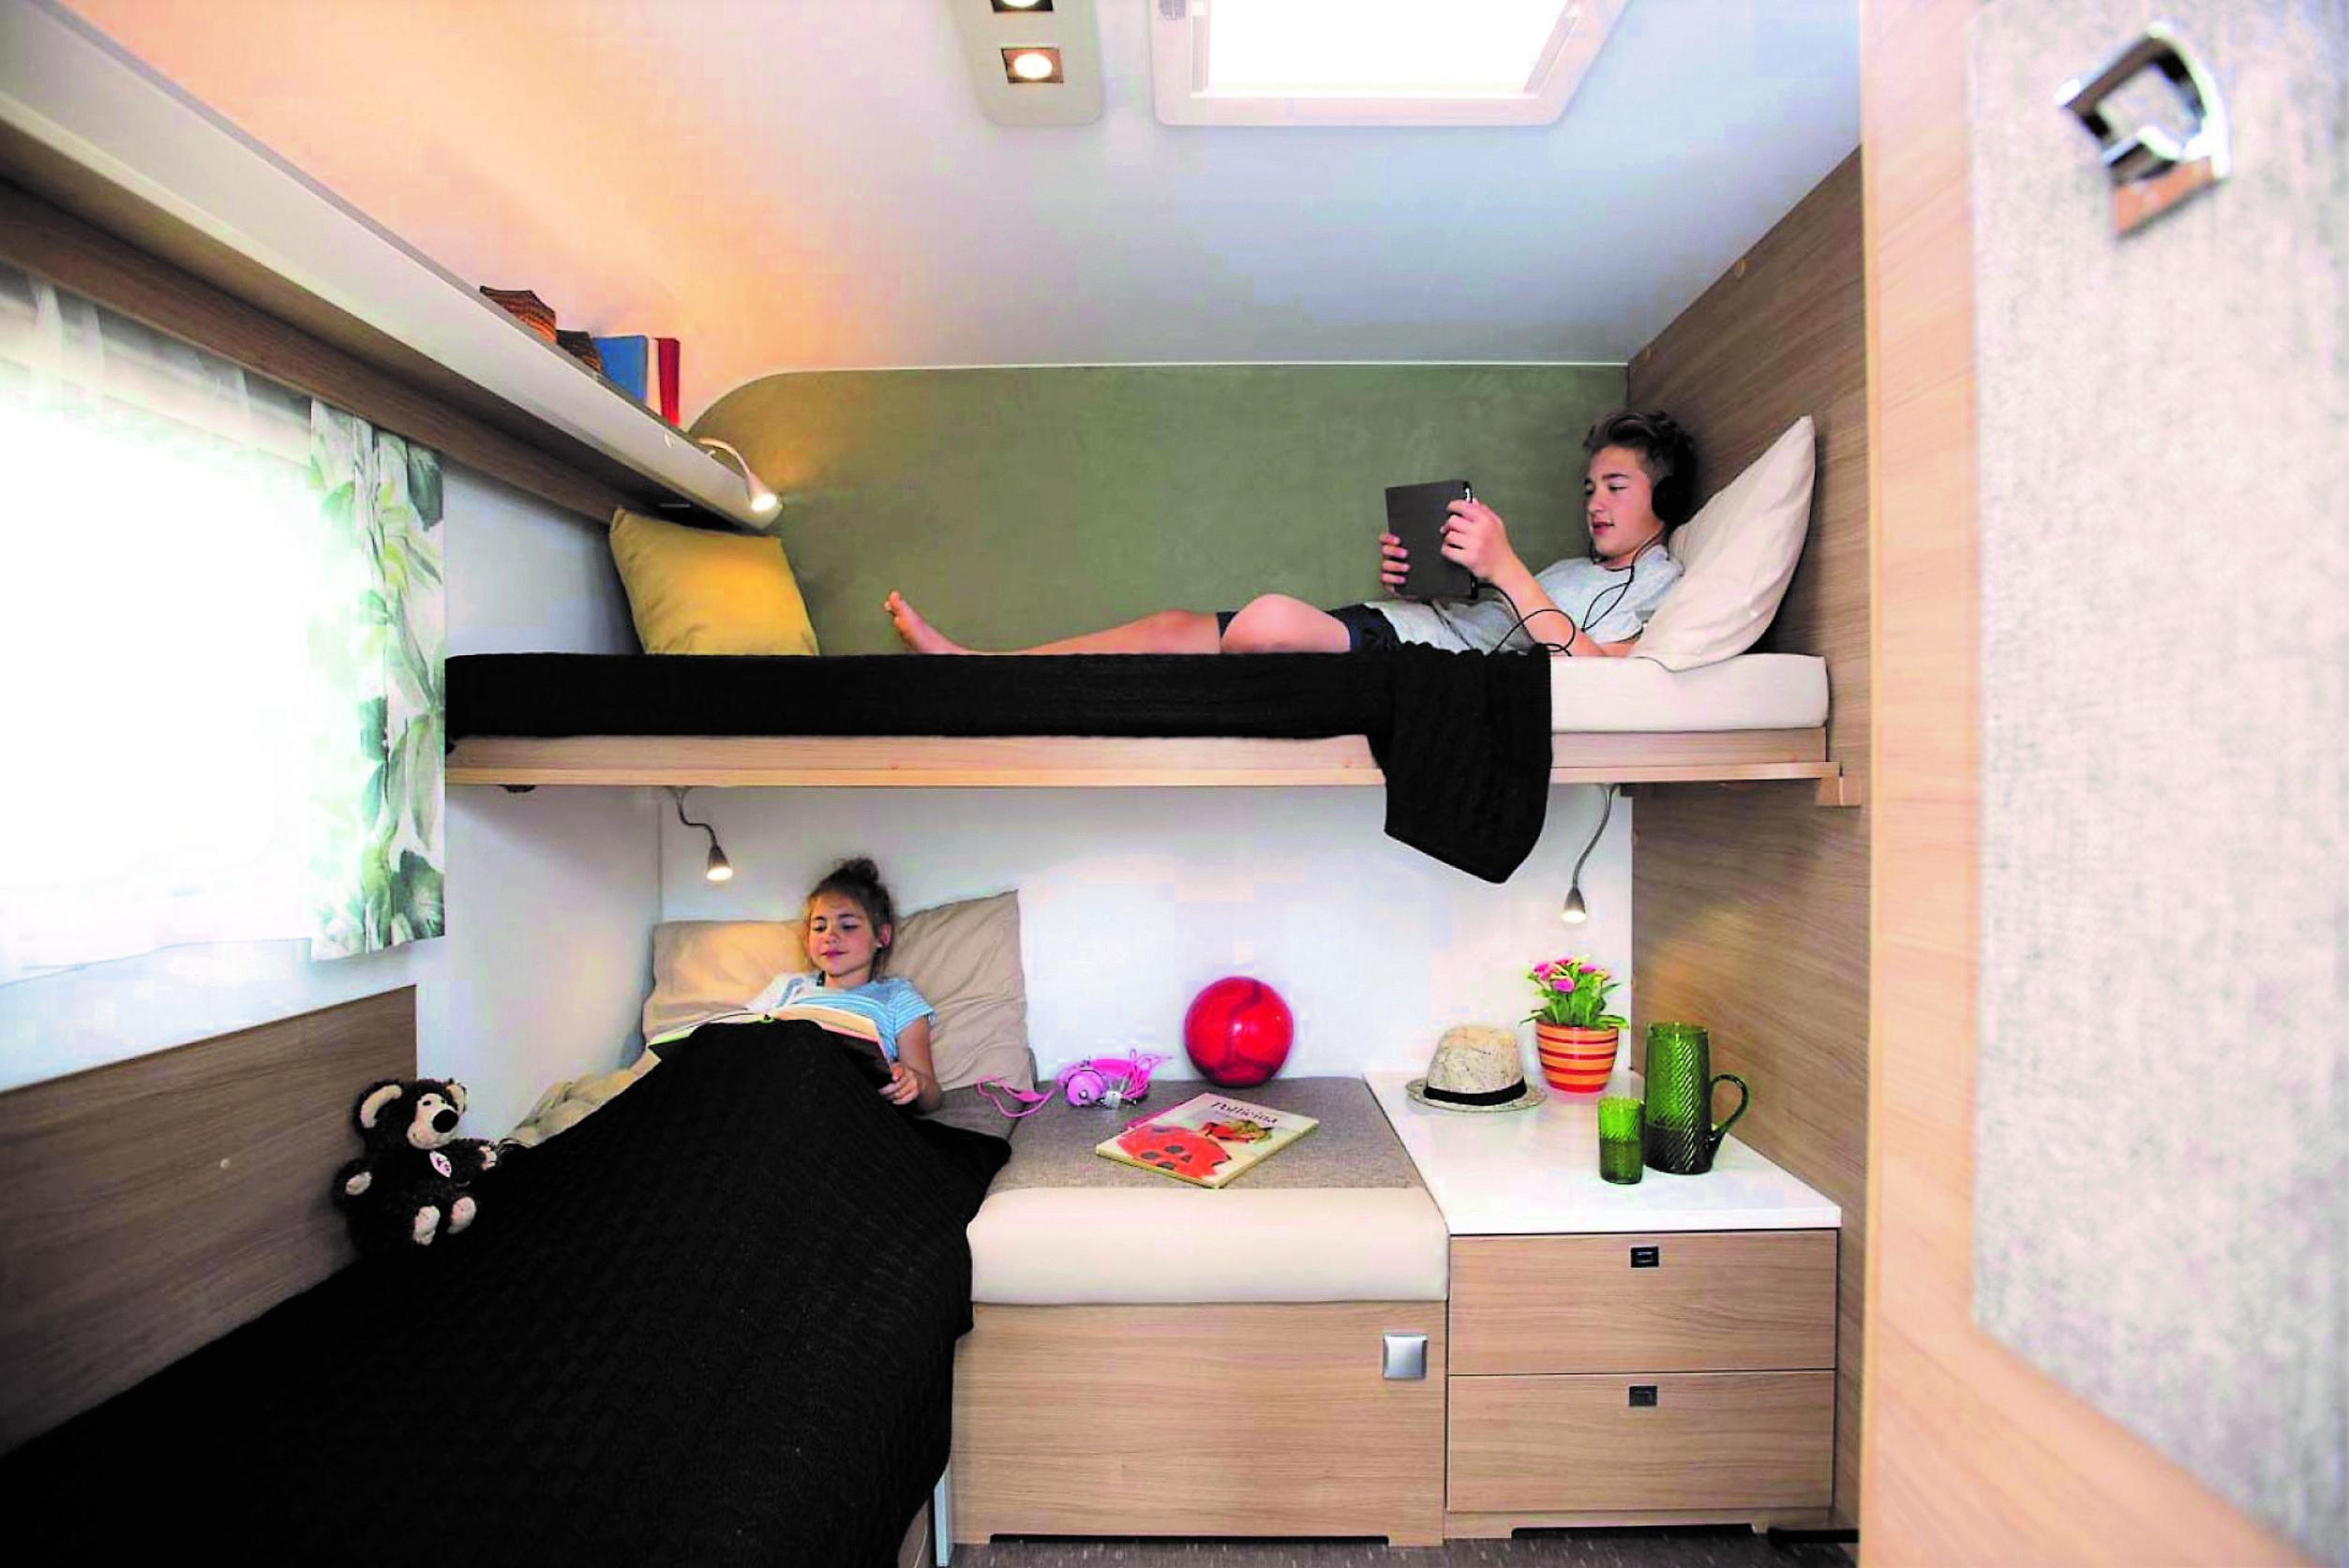 Wohnwagen Etagenbett Kinderzimmer : Etagenbett kaufen gebraucht dhd